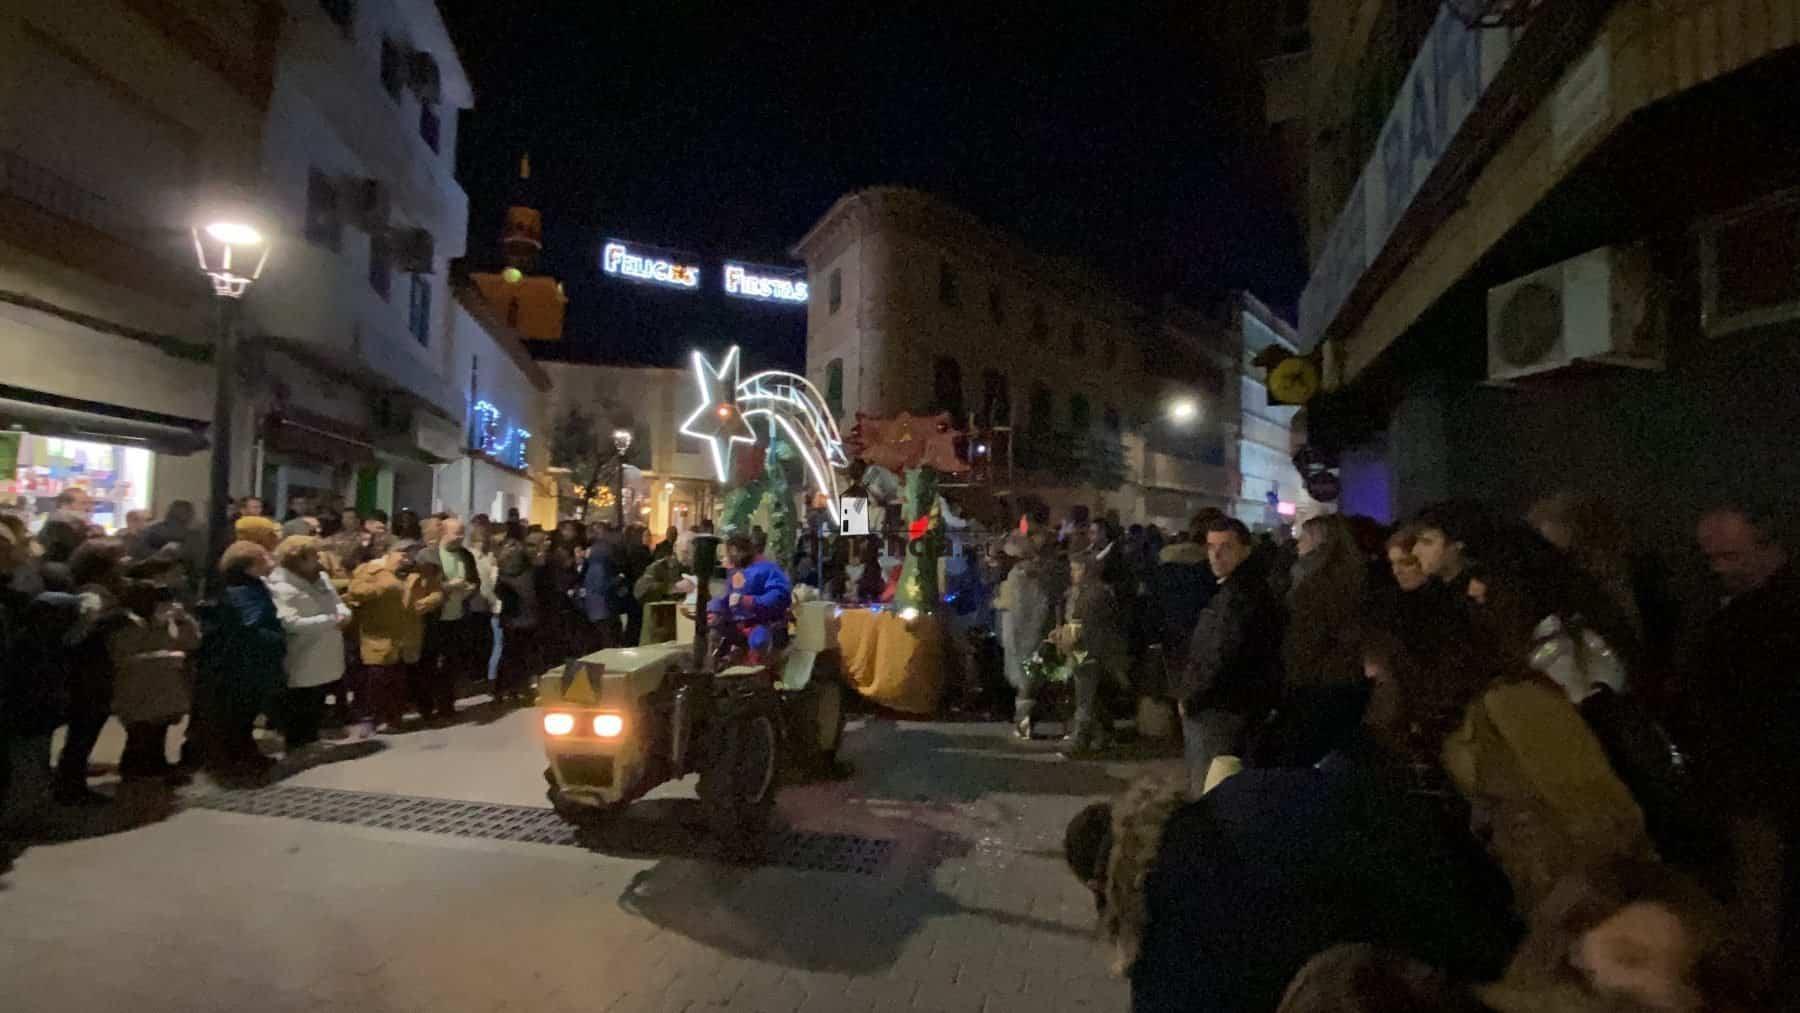 cabalgata reyes 2019 herencia 22 e1578264339417 - Galería de fotografías de Cabalgata de Reyes Magos de Herencia